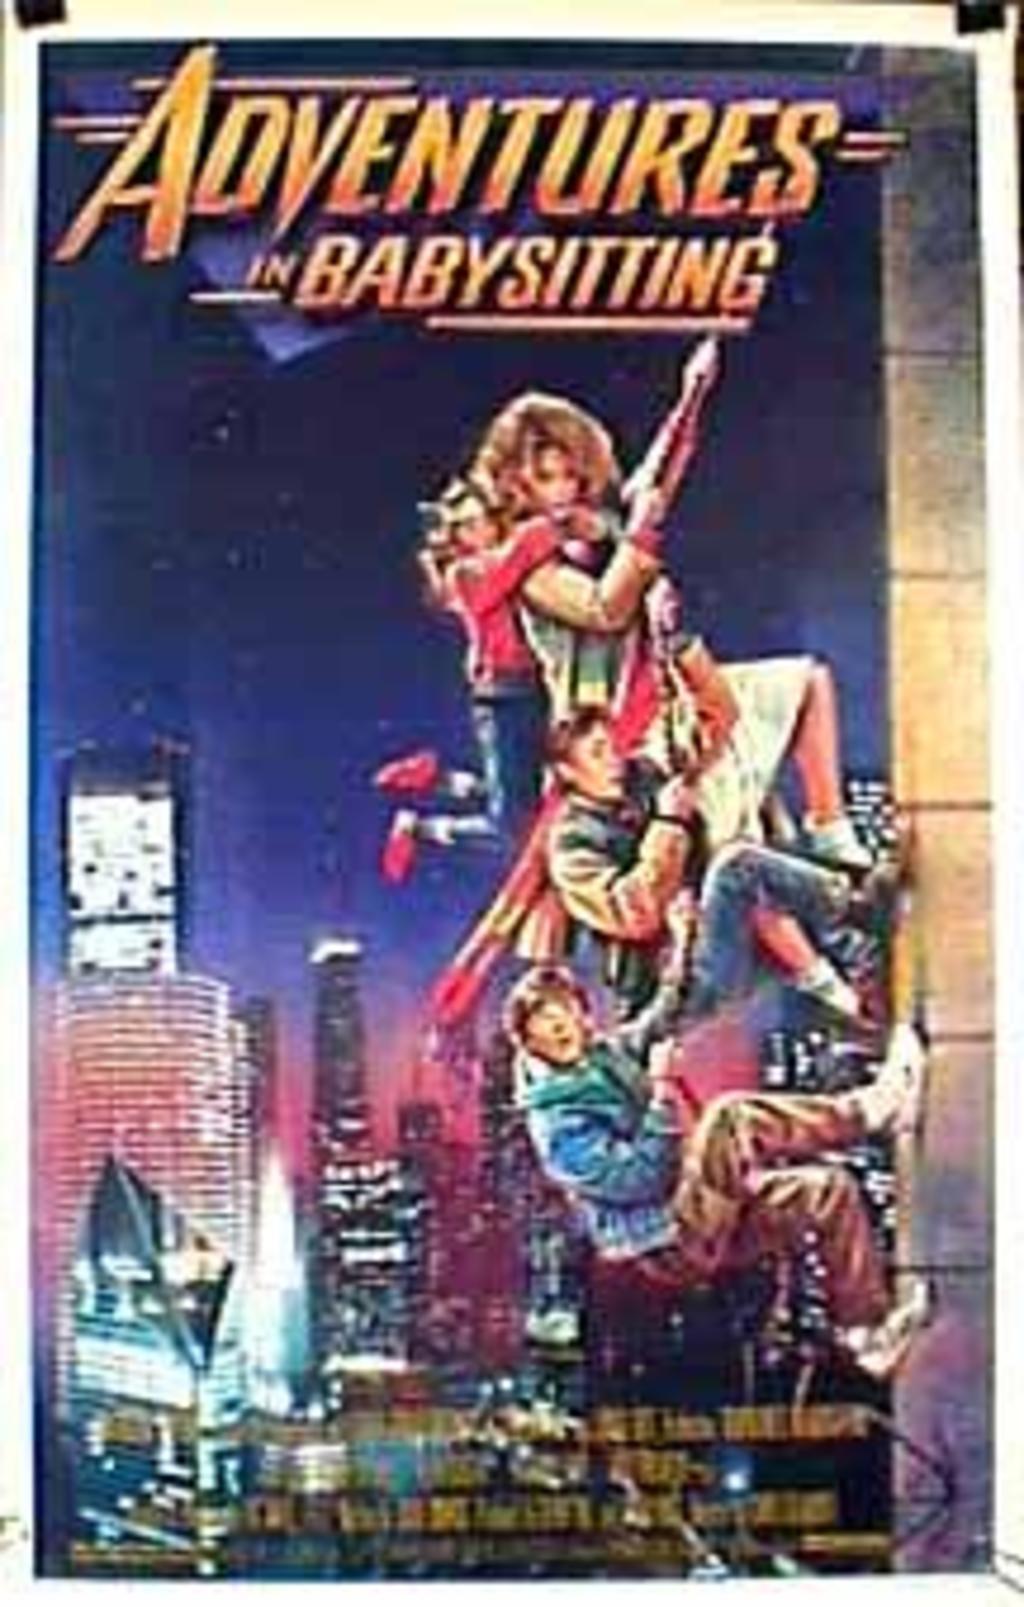 watch adventures in babysitting on netflix today com adventures in babysitting movie still 2